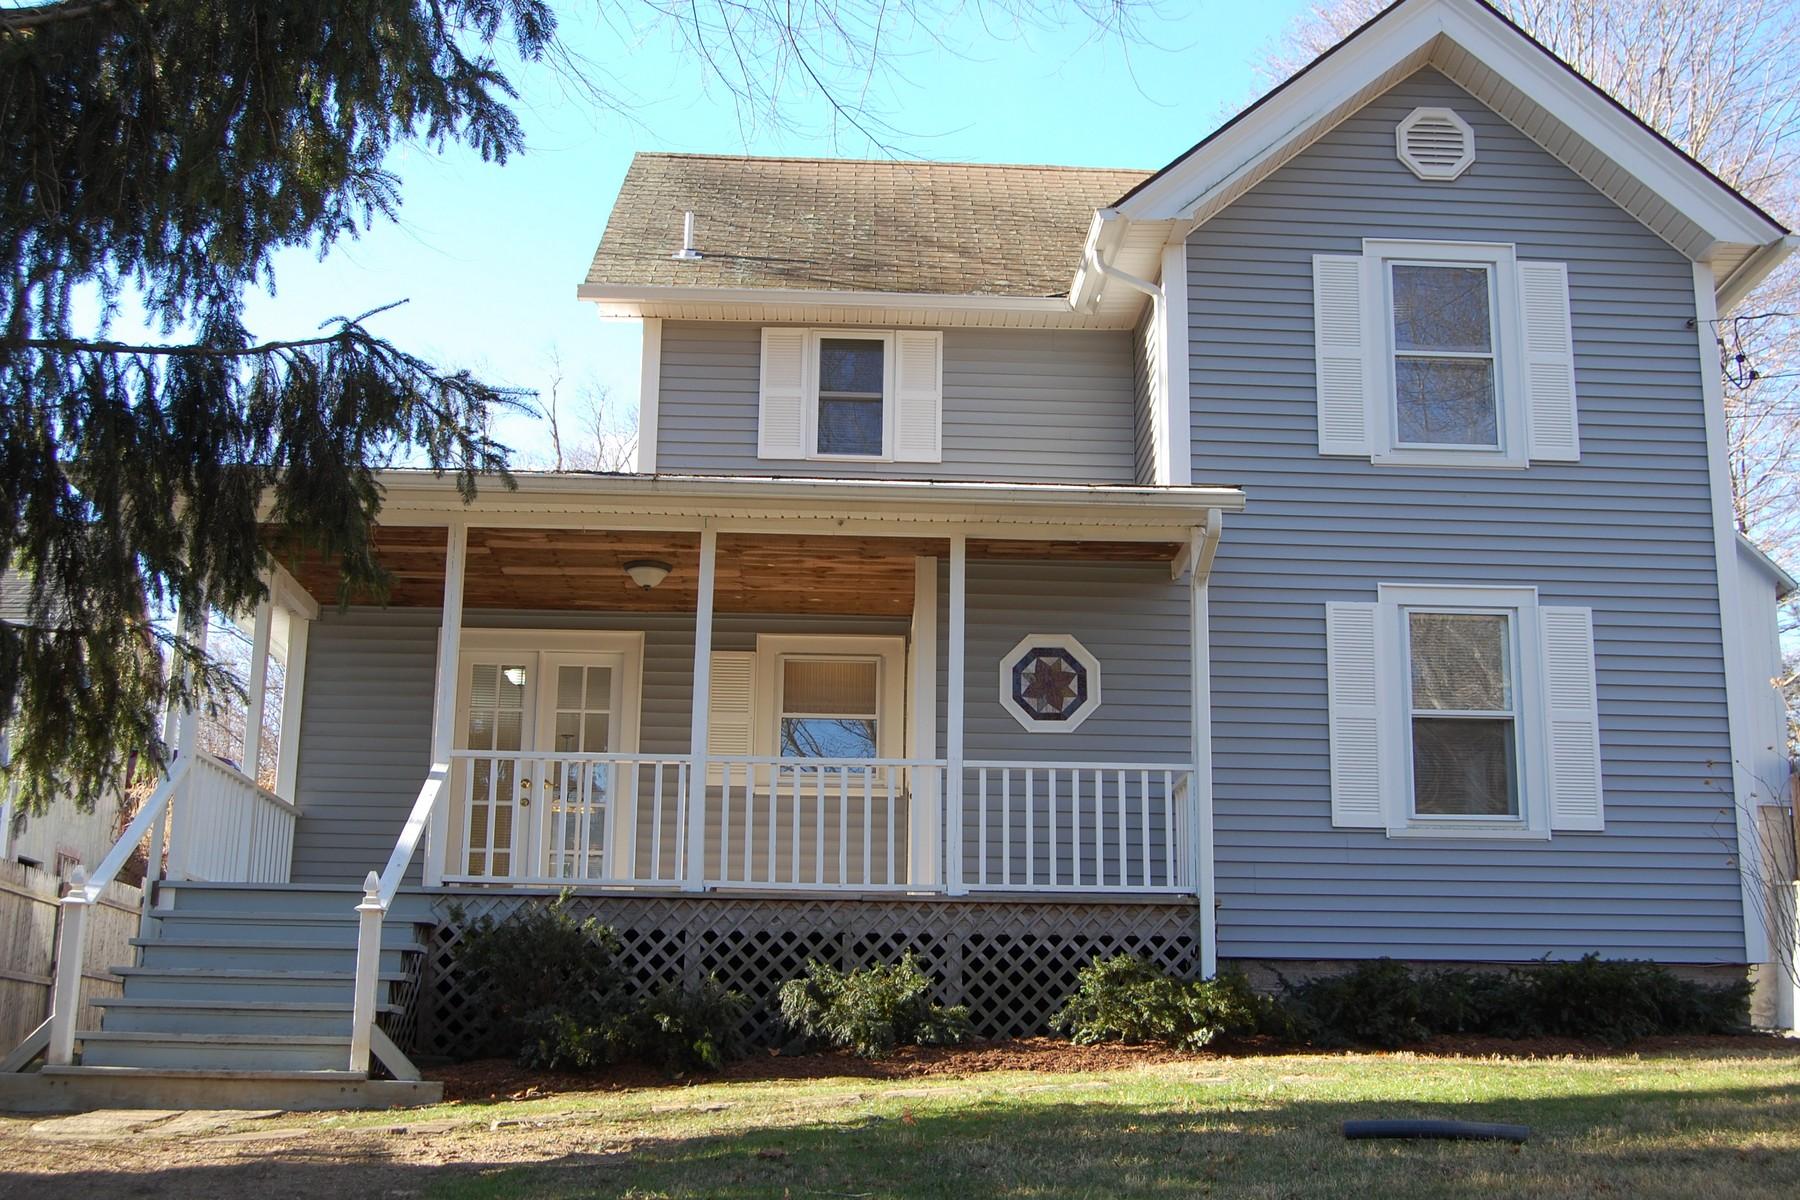 Maison unifamiliale pour l Vente à Ideally Located Near Ivoryton Village 8 Chestnut St Essex, Connecticut, 06442 États-Unis